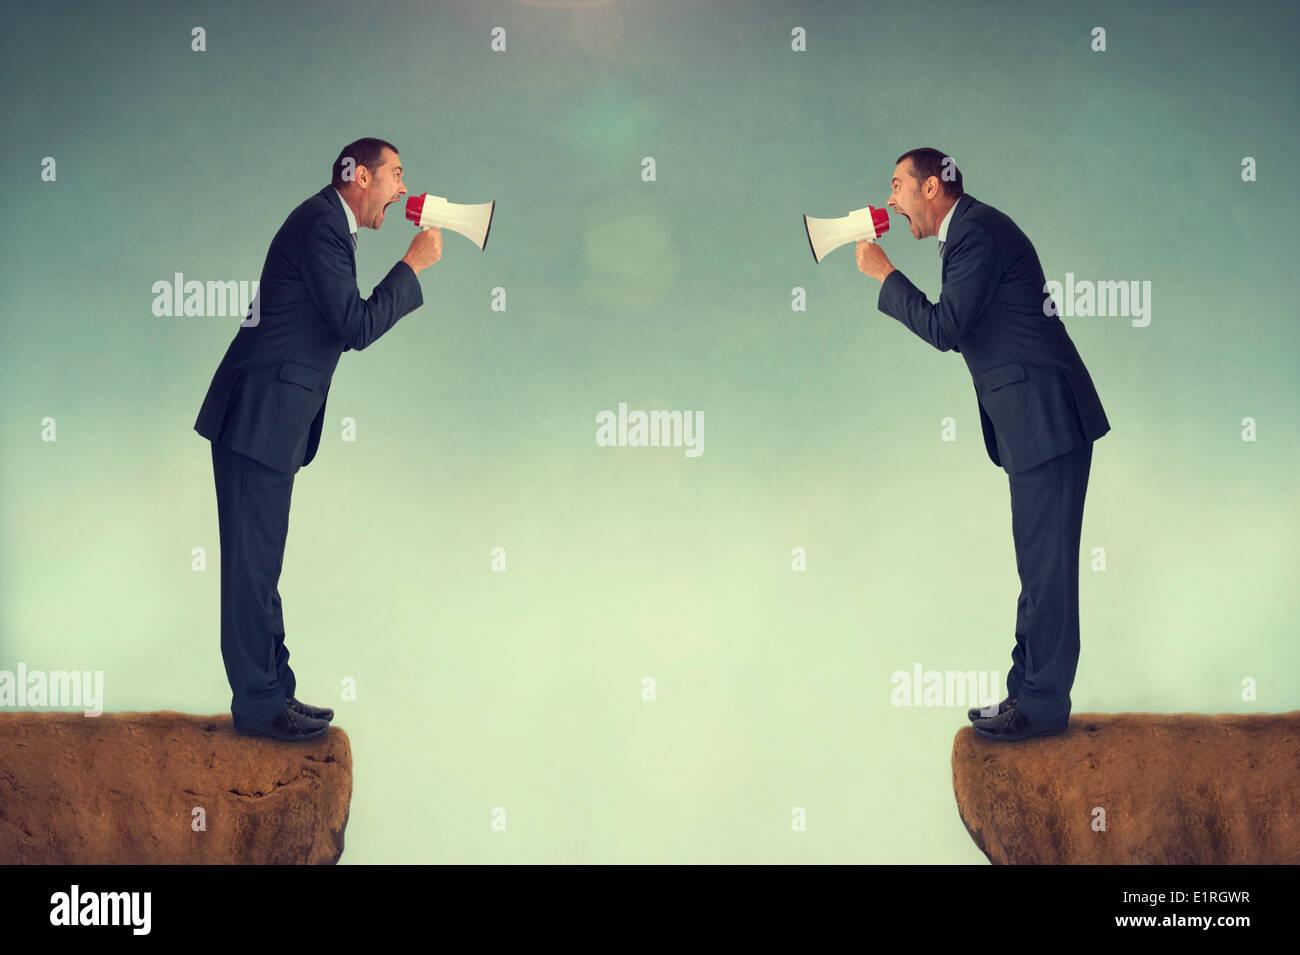 Los empresarios confrontación gritando el uno al otro a través de megáfonos o loudhailers concepto conflicto empresarial Imagen De Stock